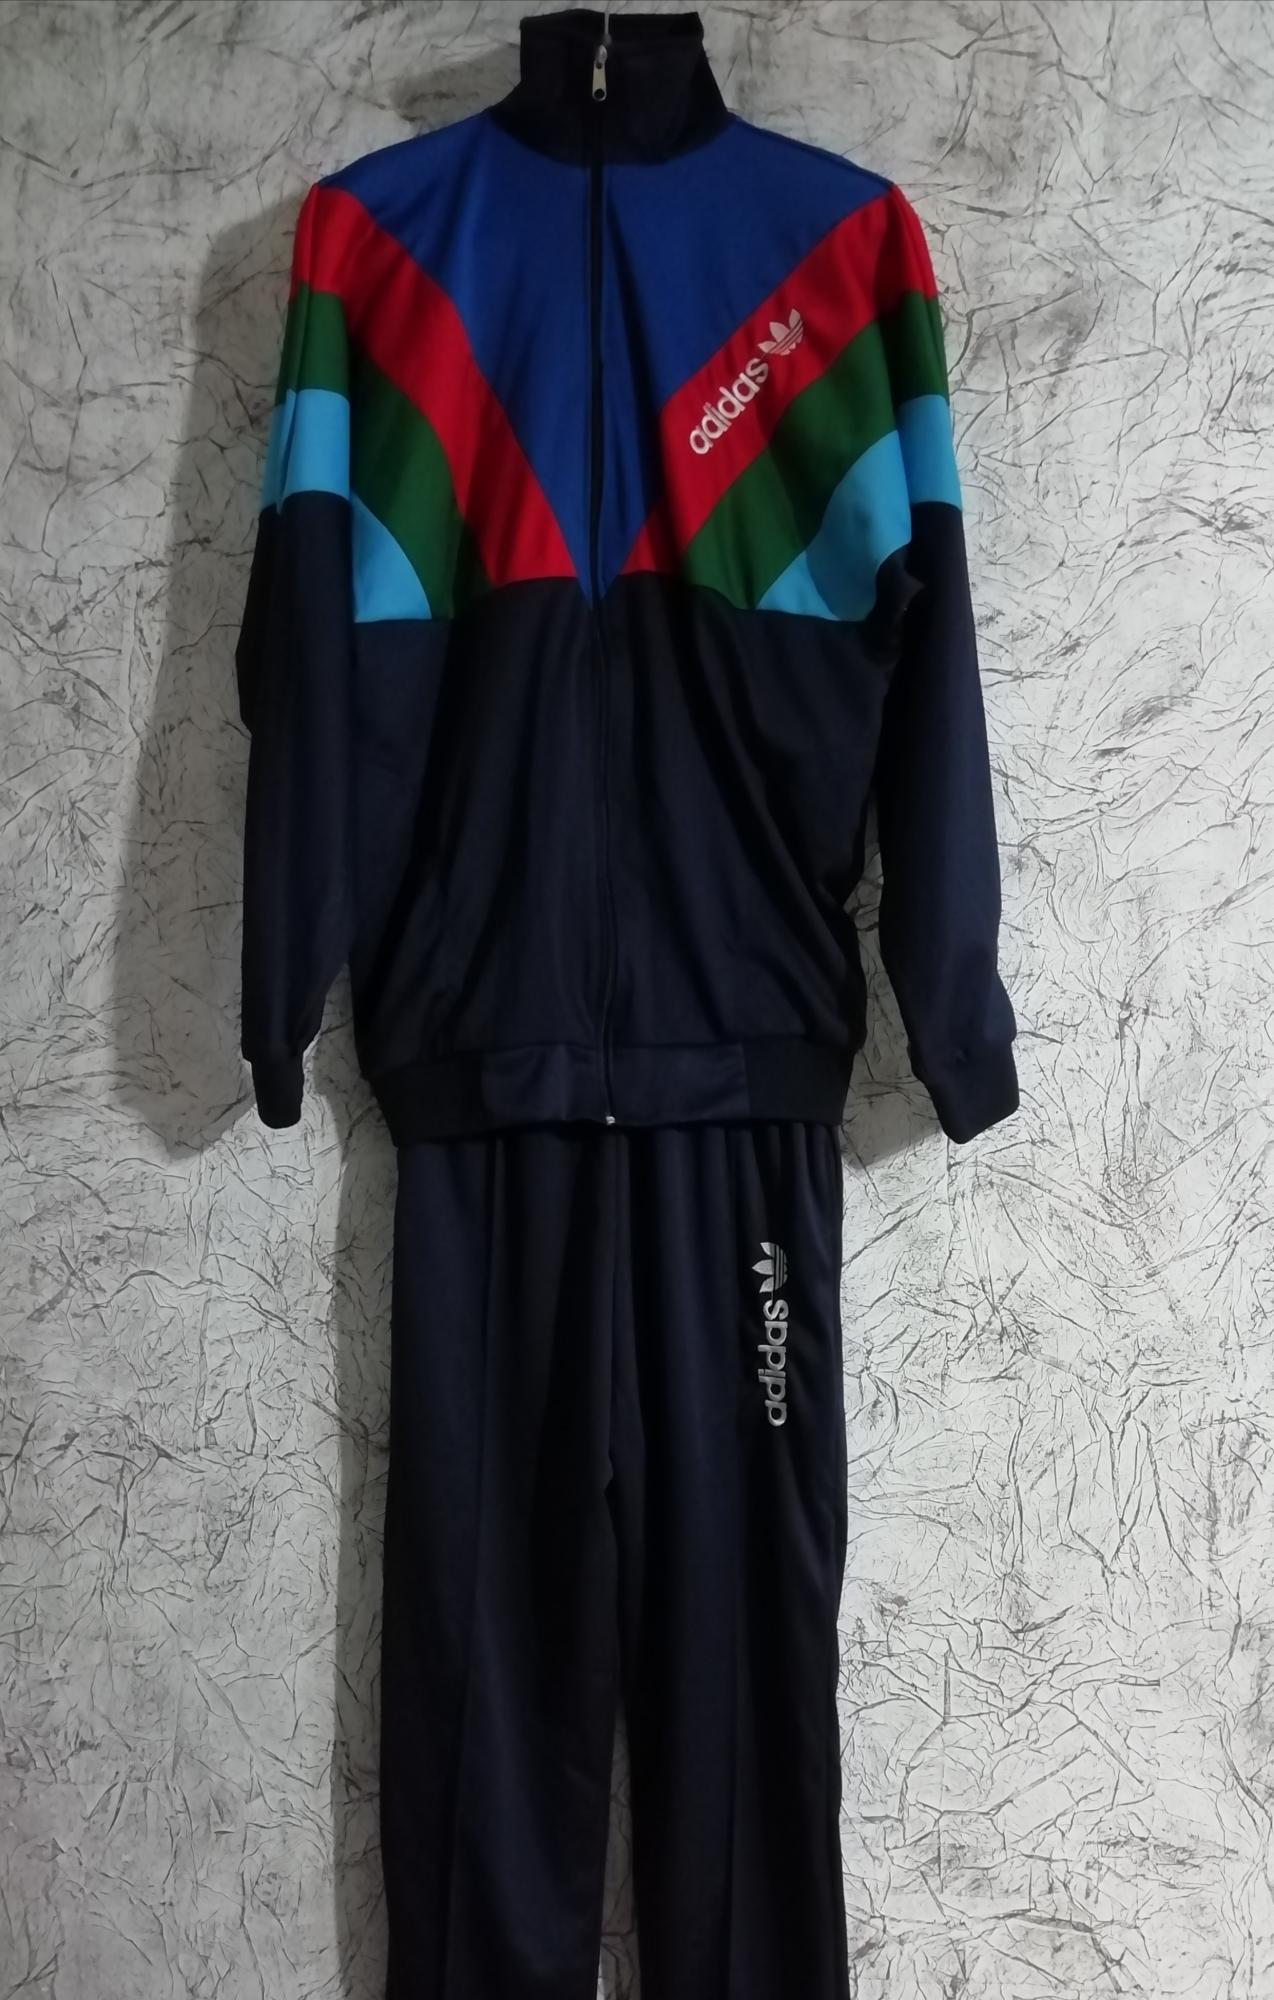 НОВЫЙ Спортивный костюм Adidas из СССР, размер XXL в Подольске купить 1